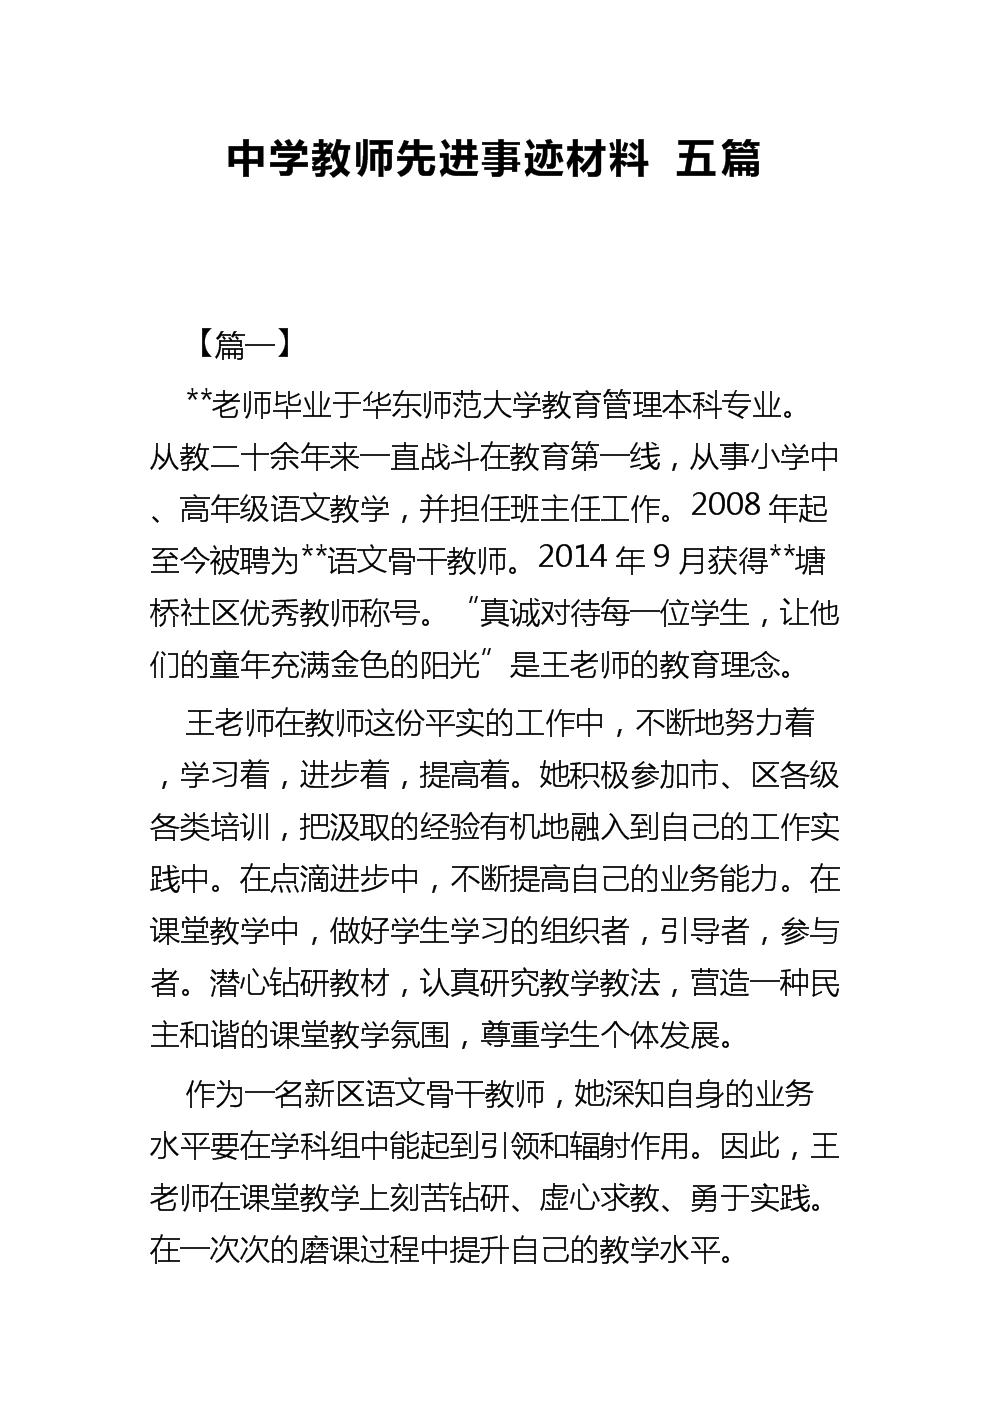 中学教师先进事迹材料五篇.docx